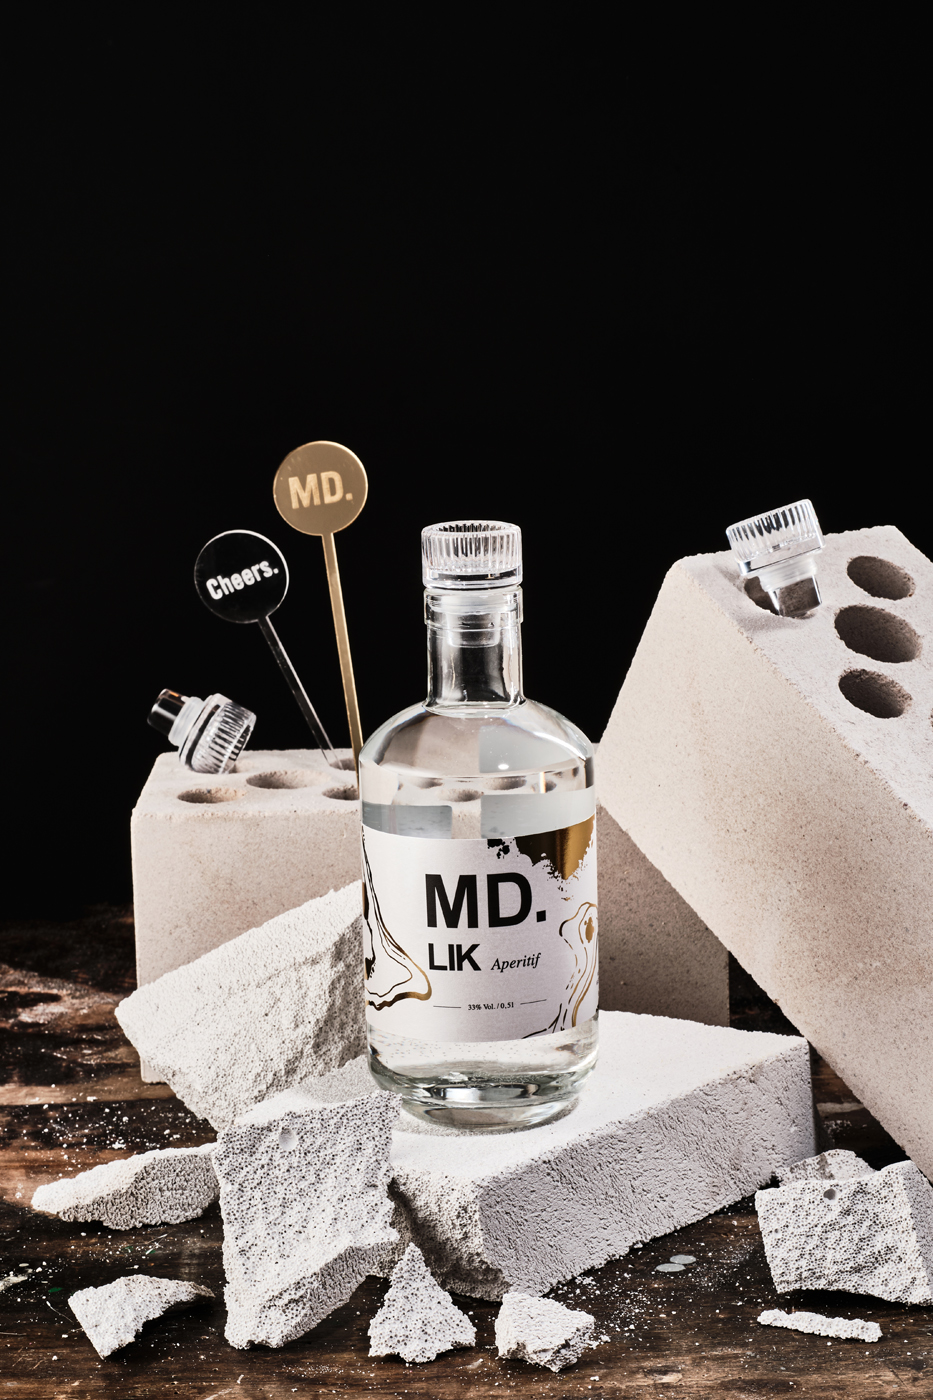 MD.LIK mit Cocktailsticks